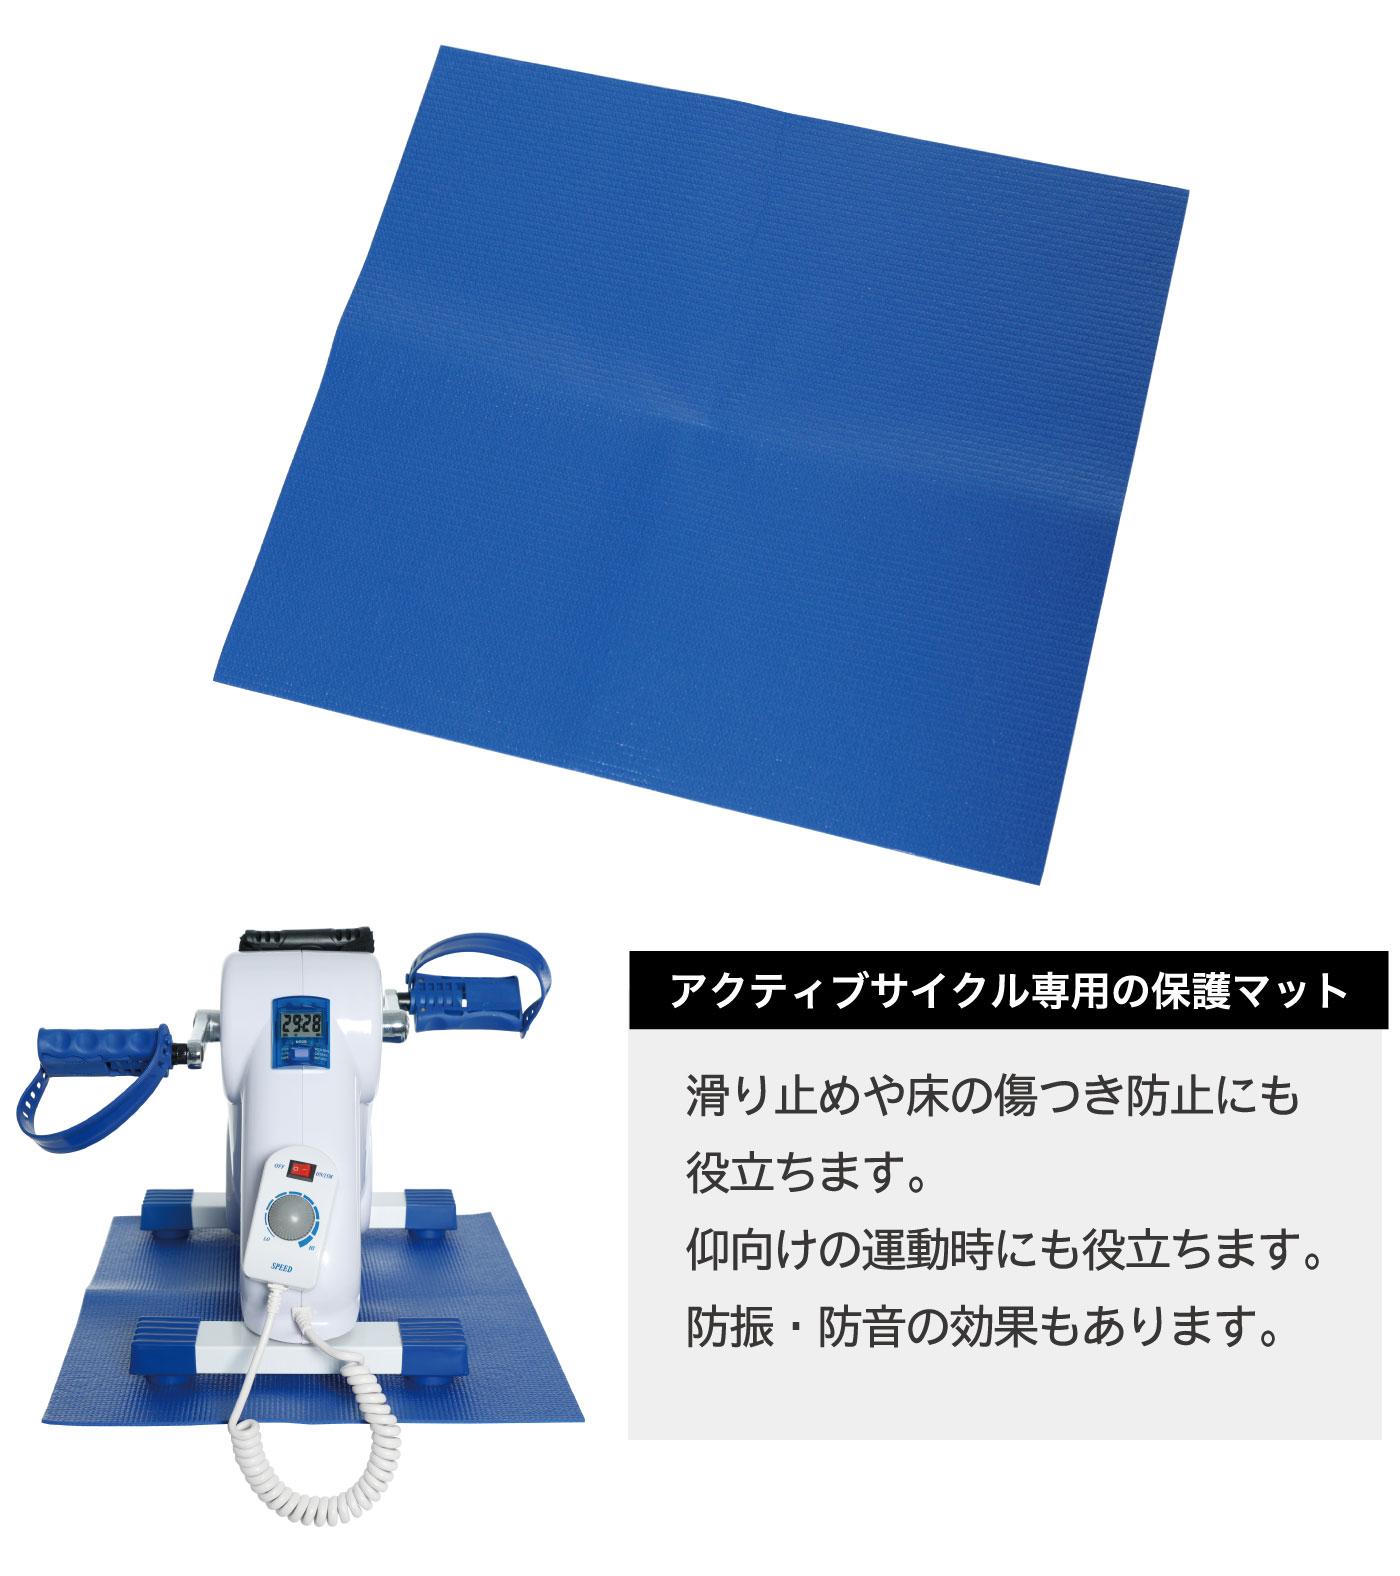 DK-003B専用の床保護マット